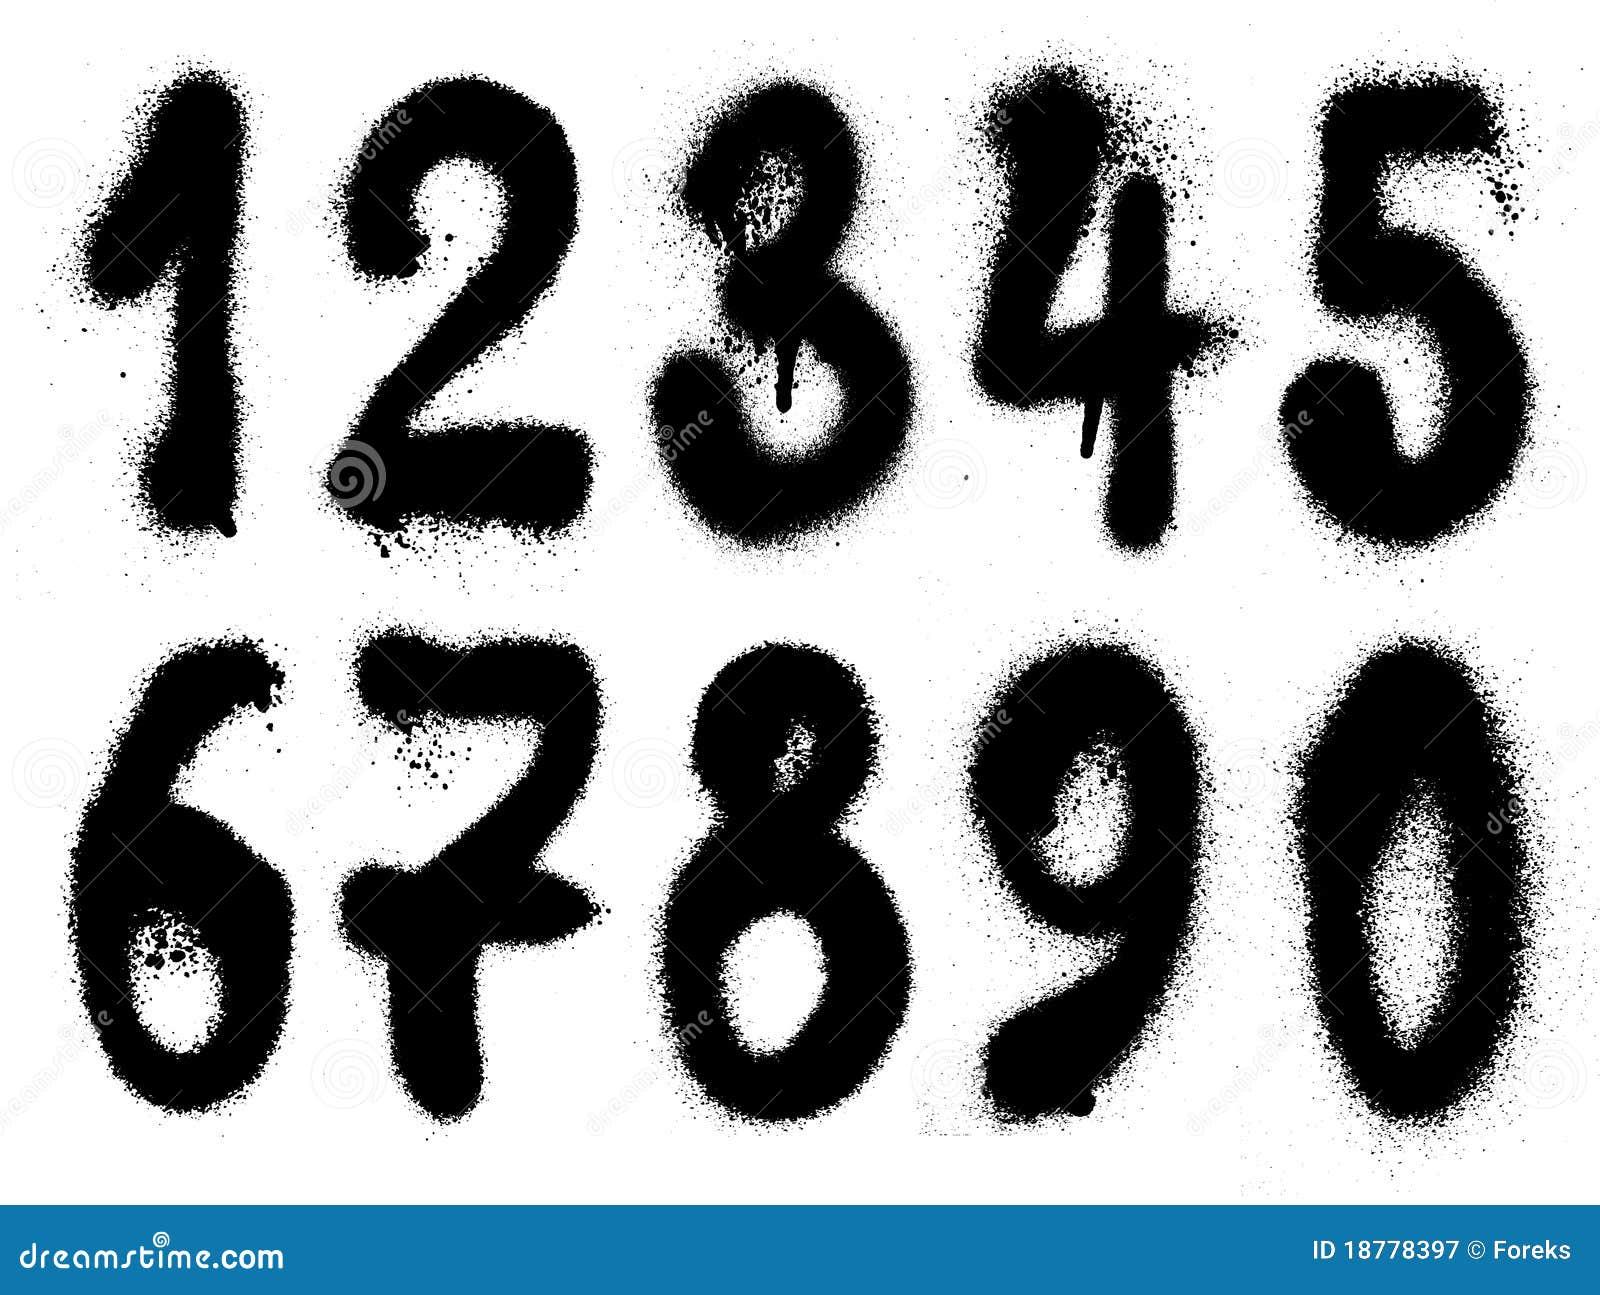 Best Spray Paint Fonts